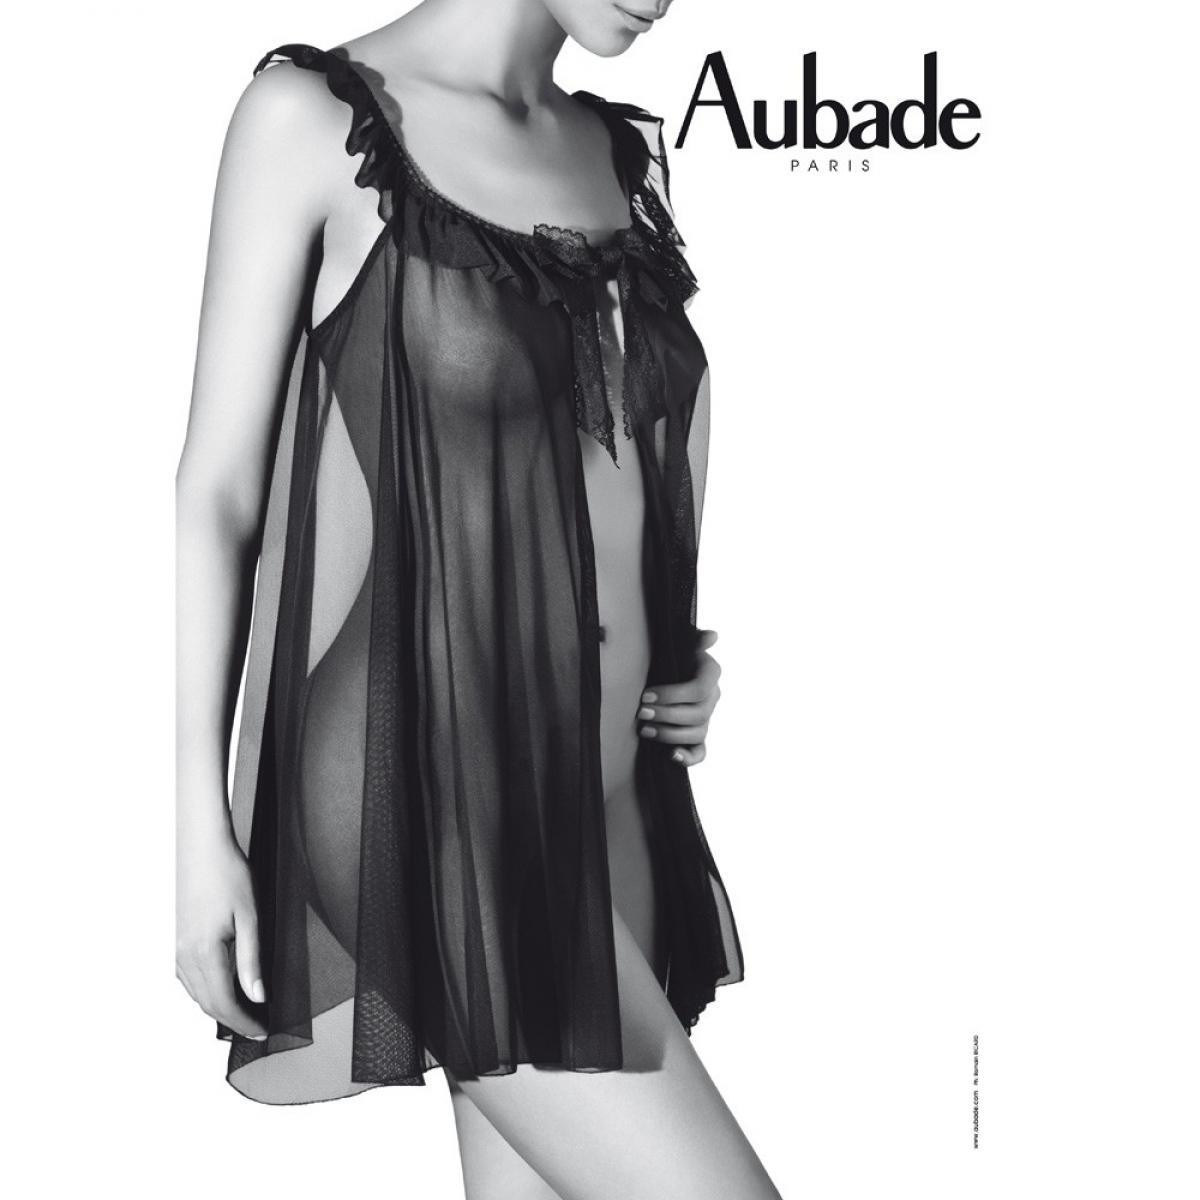 offre spéciale 2019 real prix spécial pour chemise de nuit aubade,Nuisette Idylle Parisienne par ...